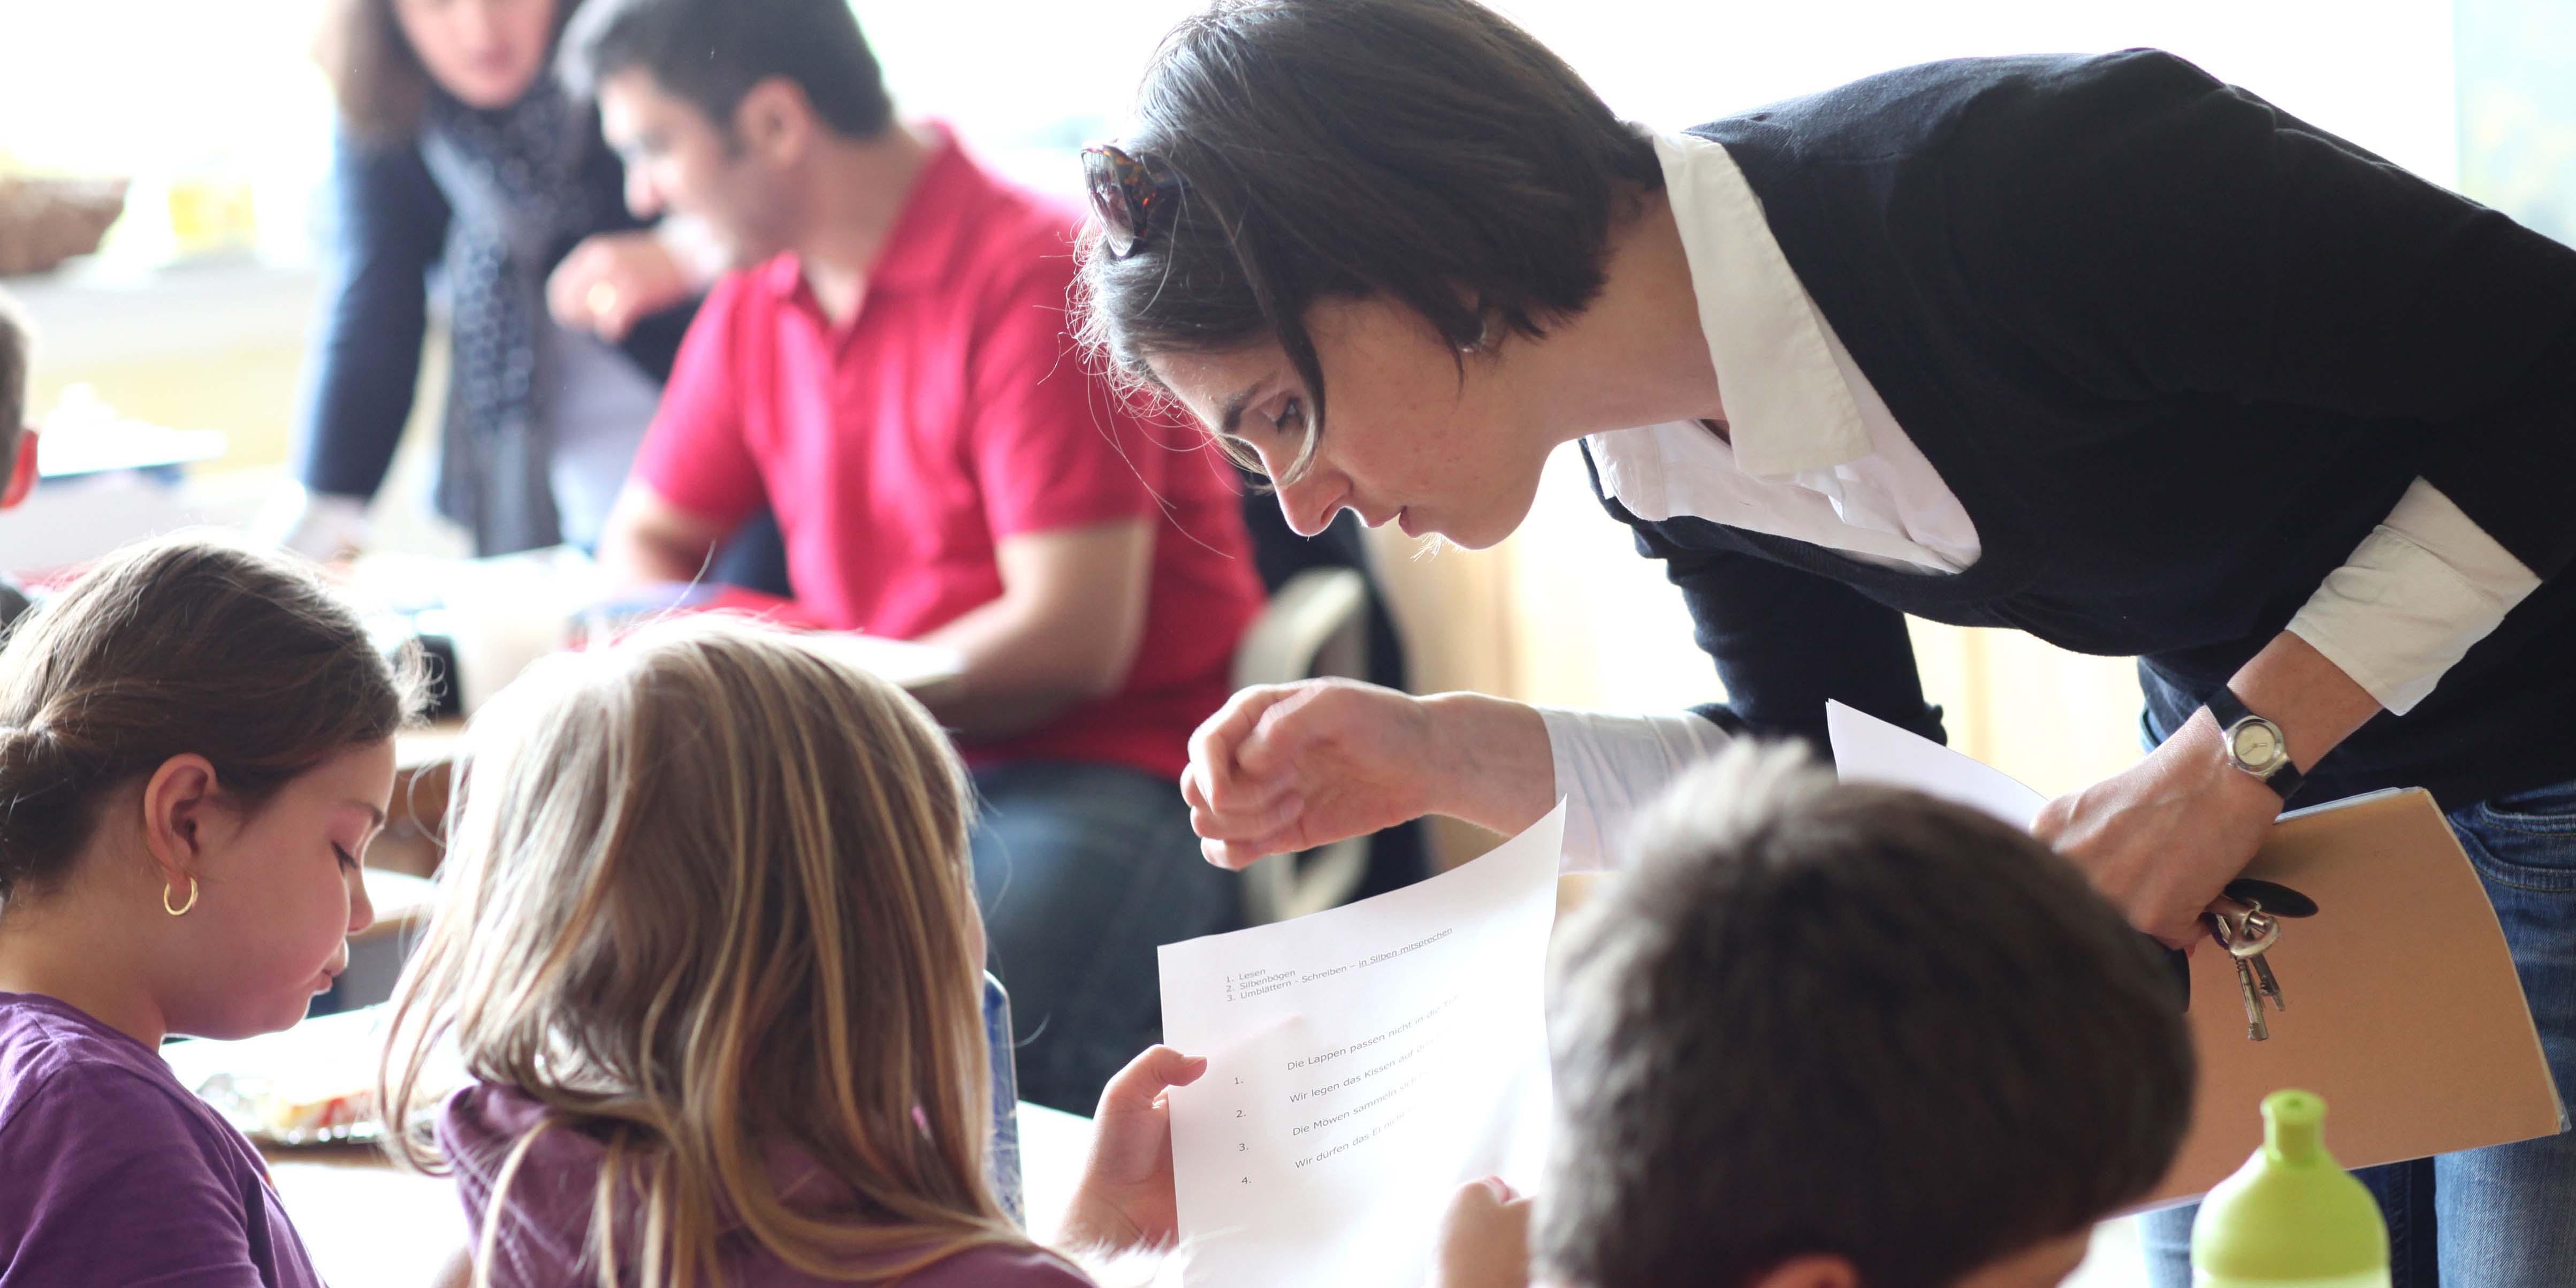 Finanzielle Förderung für zukünftige Waldorflehrer